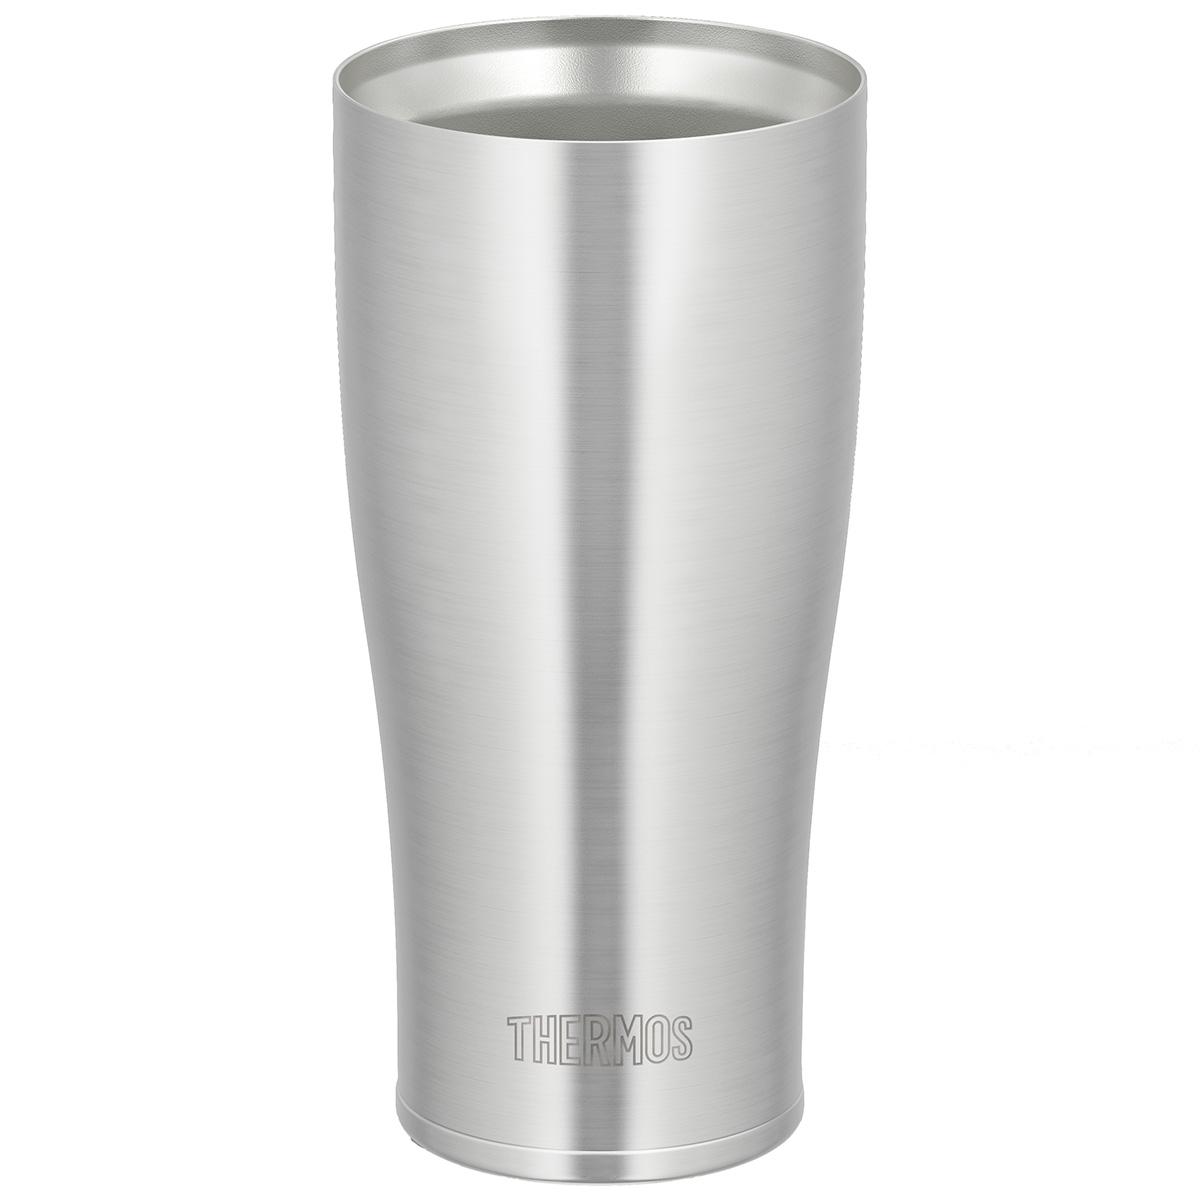 真空断熱タンブラー 0.42L